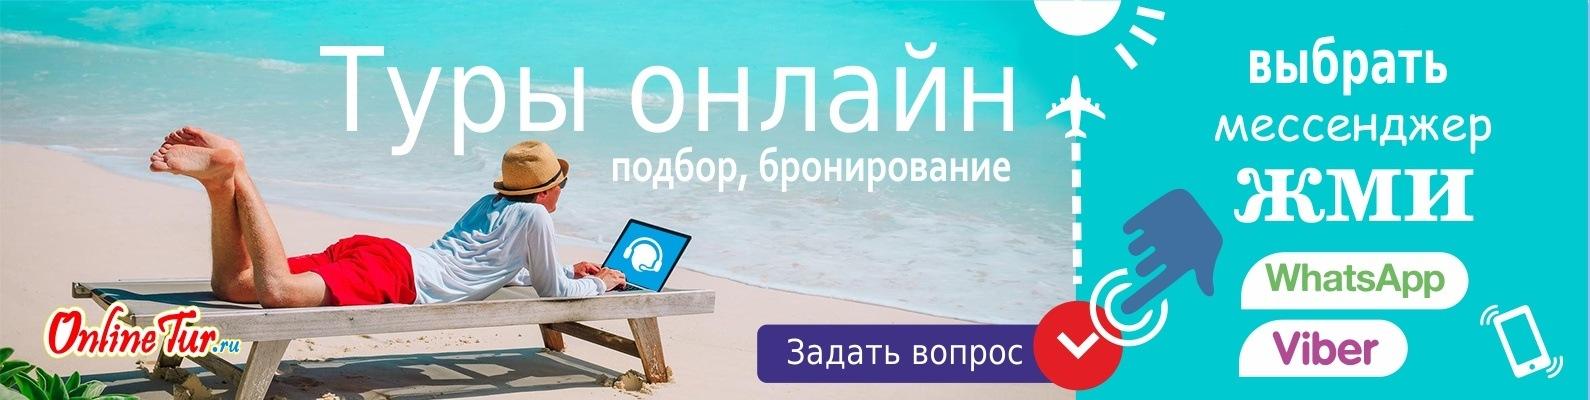 tur v rossiju sochi 6 136 rub chel - Тур в Россию Сочи 6 136 руб. чел.